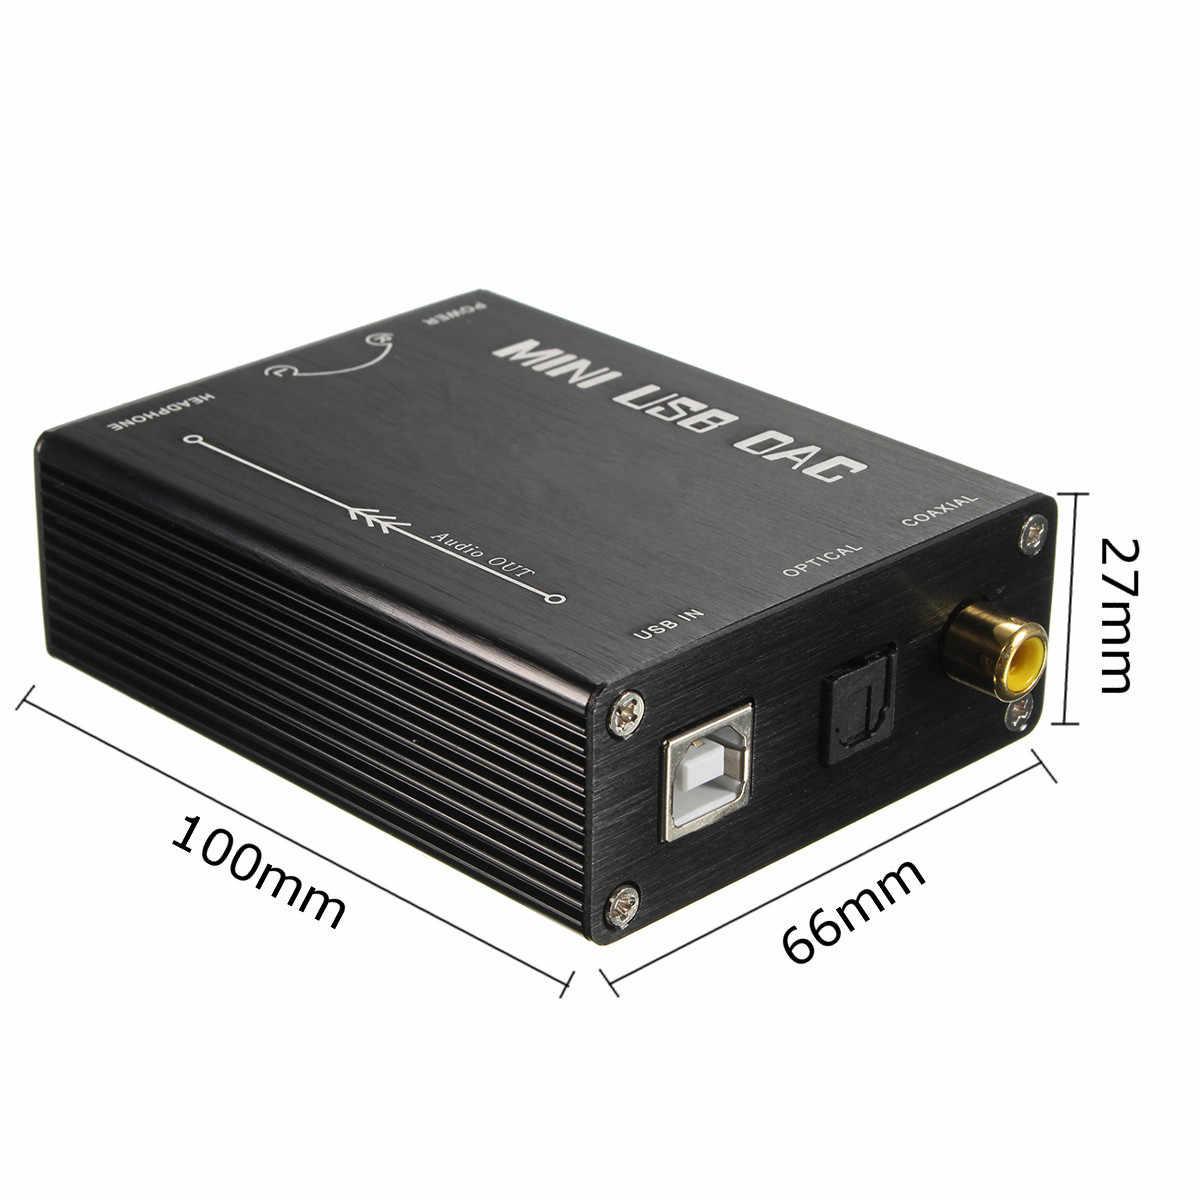 LEORY ハイファイ USB サウンドカードの Dac S/PDIF PCM2704 デジタルアナログオーディオコンバータ光同軸 DAC デコーダプロコンバータ